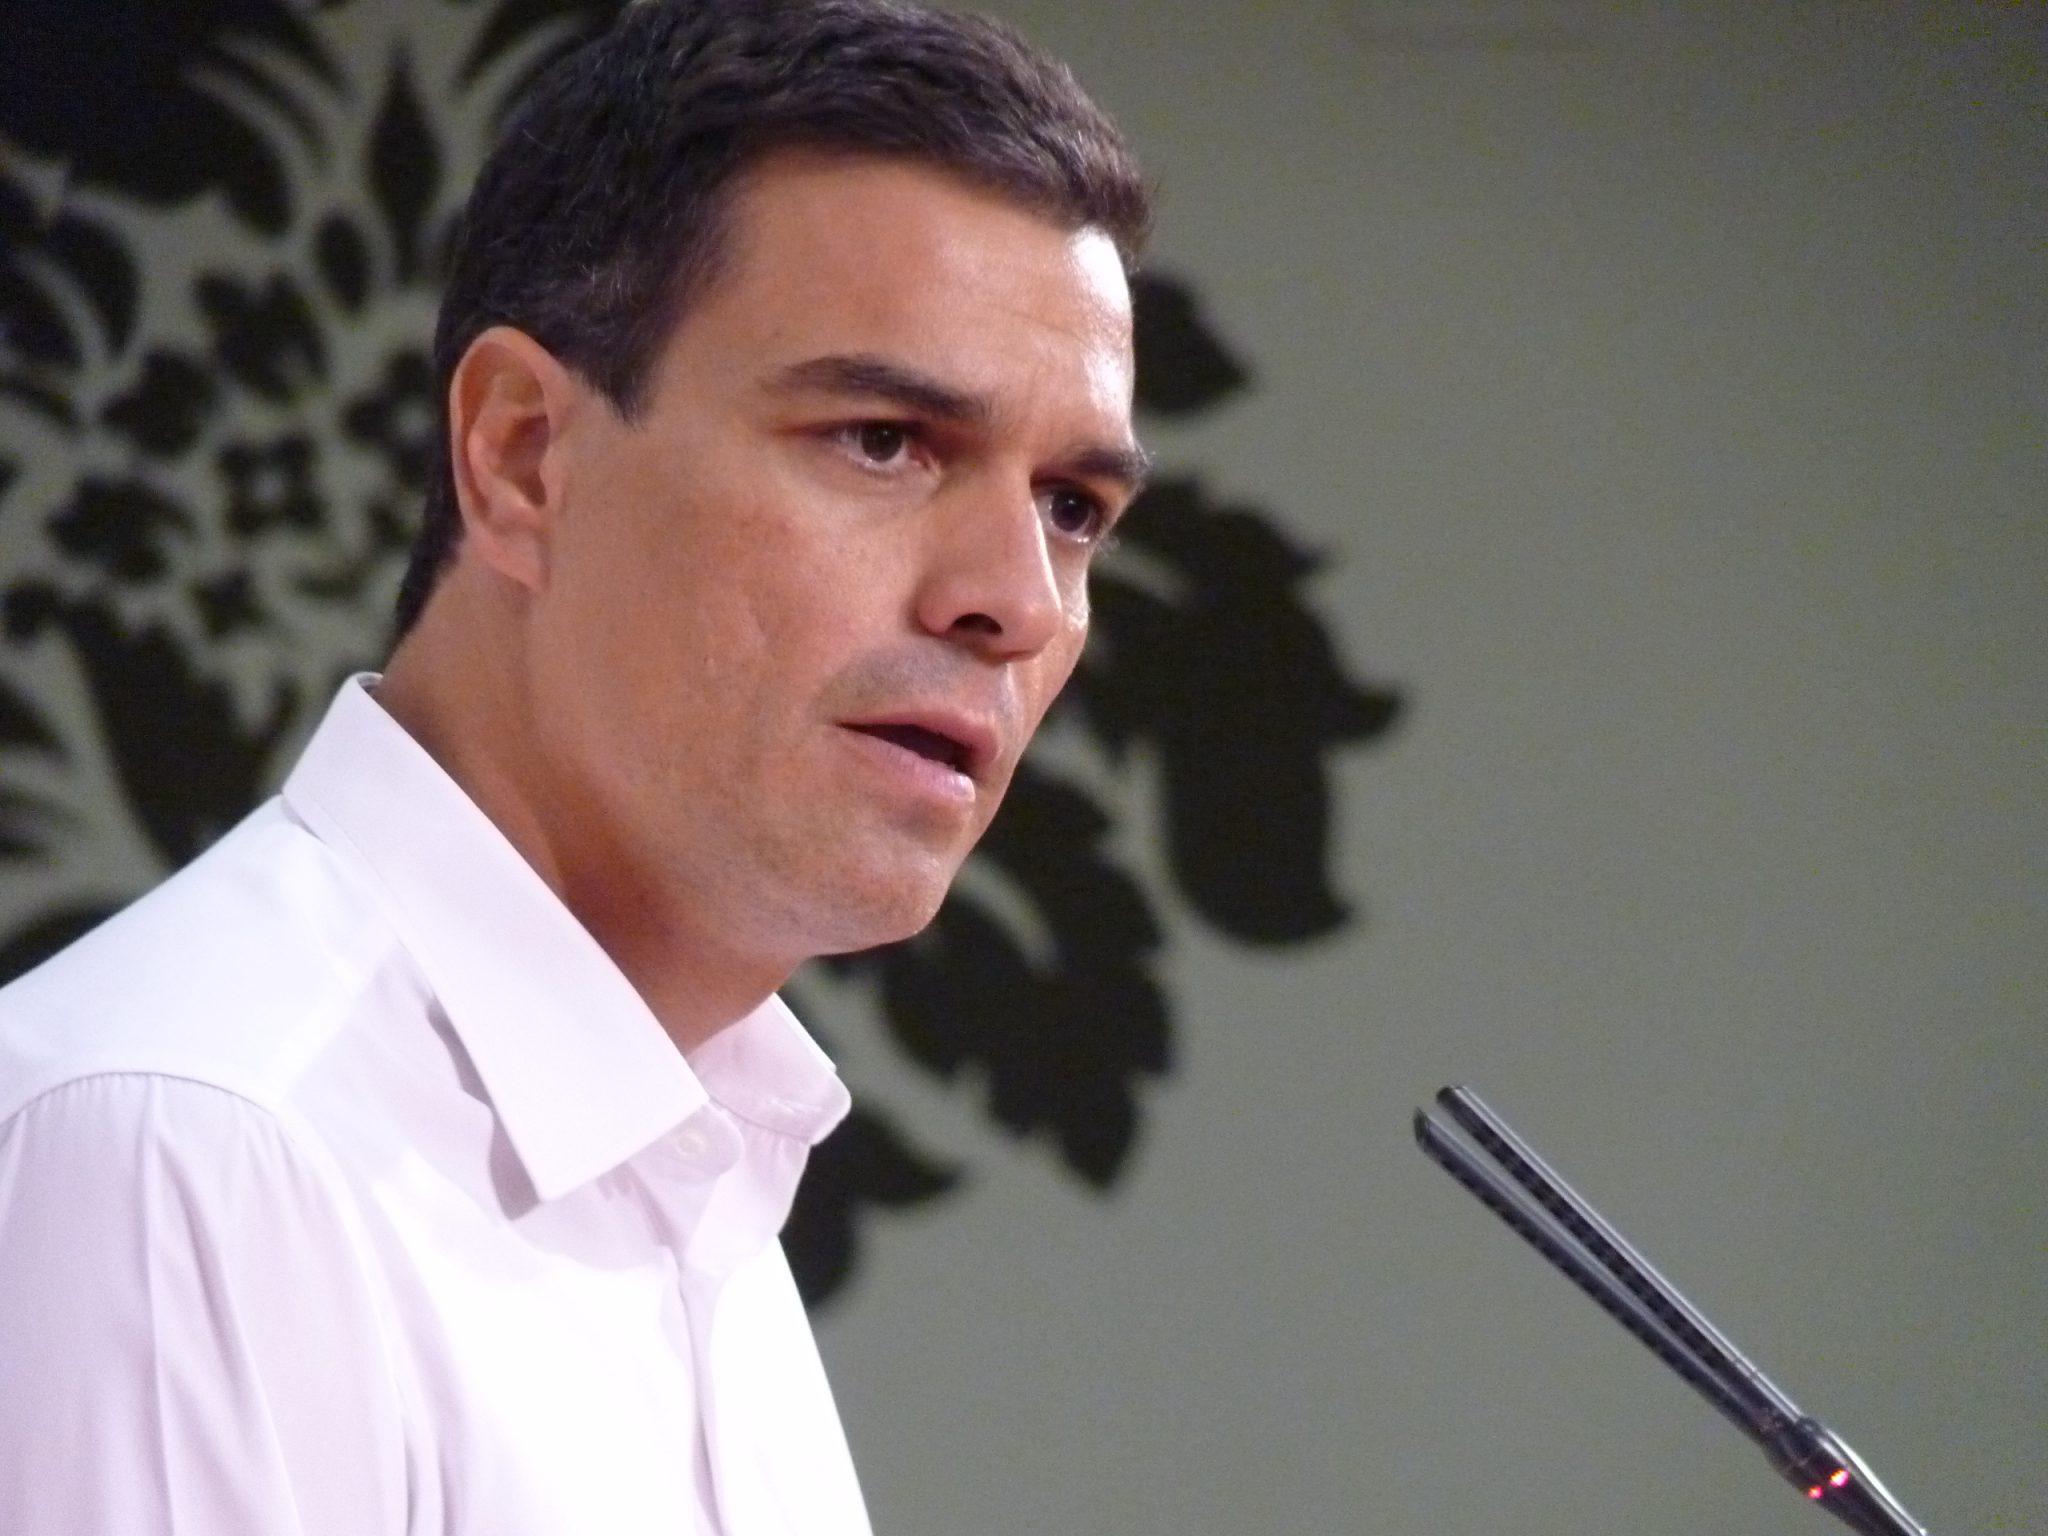 Europa Laica, satisfecha porque Pedro Sánchez no usara símbolos religiosos en su toma de posesión